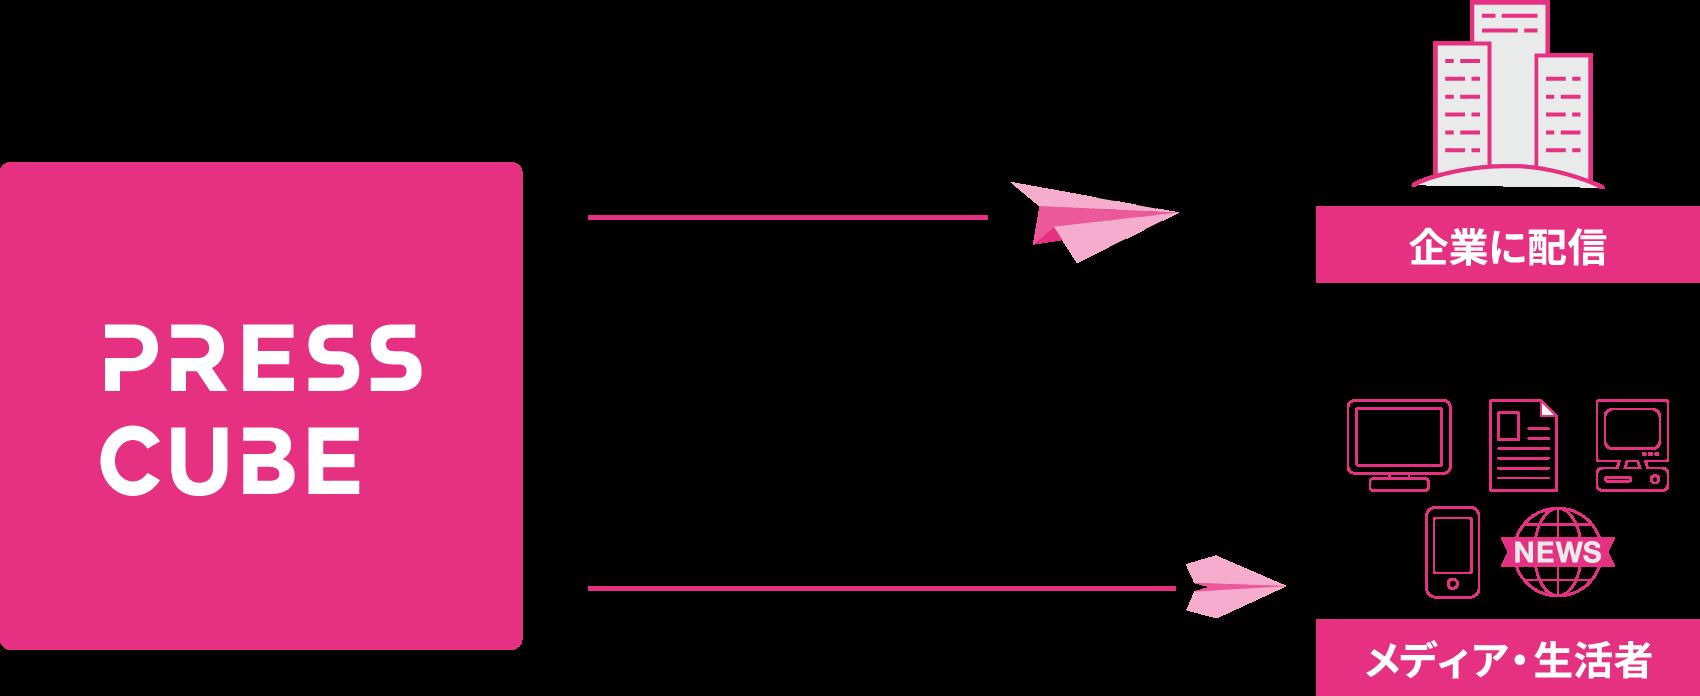 保有する企業データベース約120,000社の中から50社を任意に選択してリリースを配信